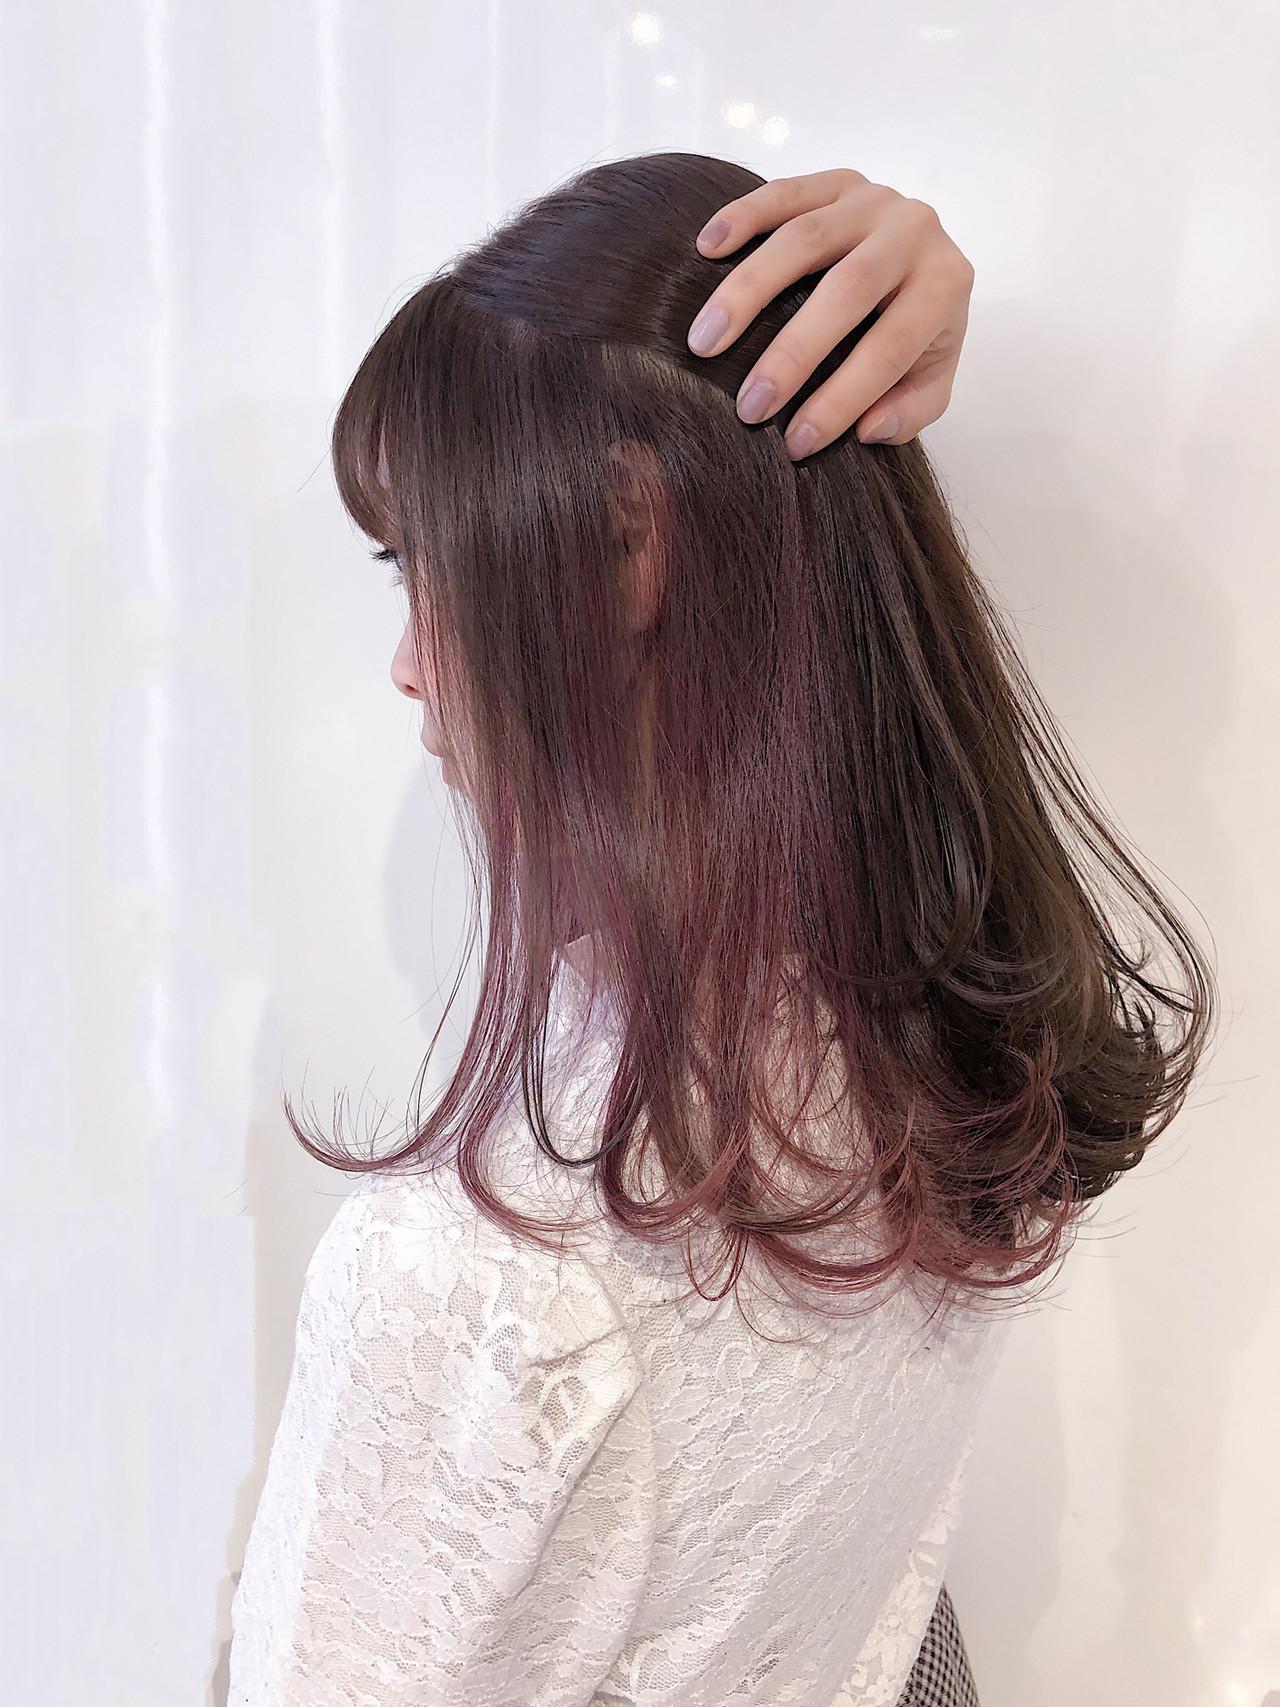 ナチュラル ラズベリーピンク ラベンダーピンク ベリーピンク ヘアスタイルや髪型の写真・画像